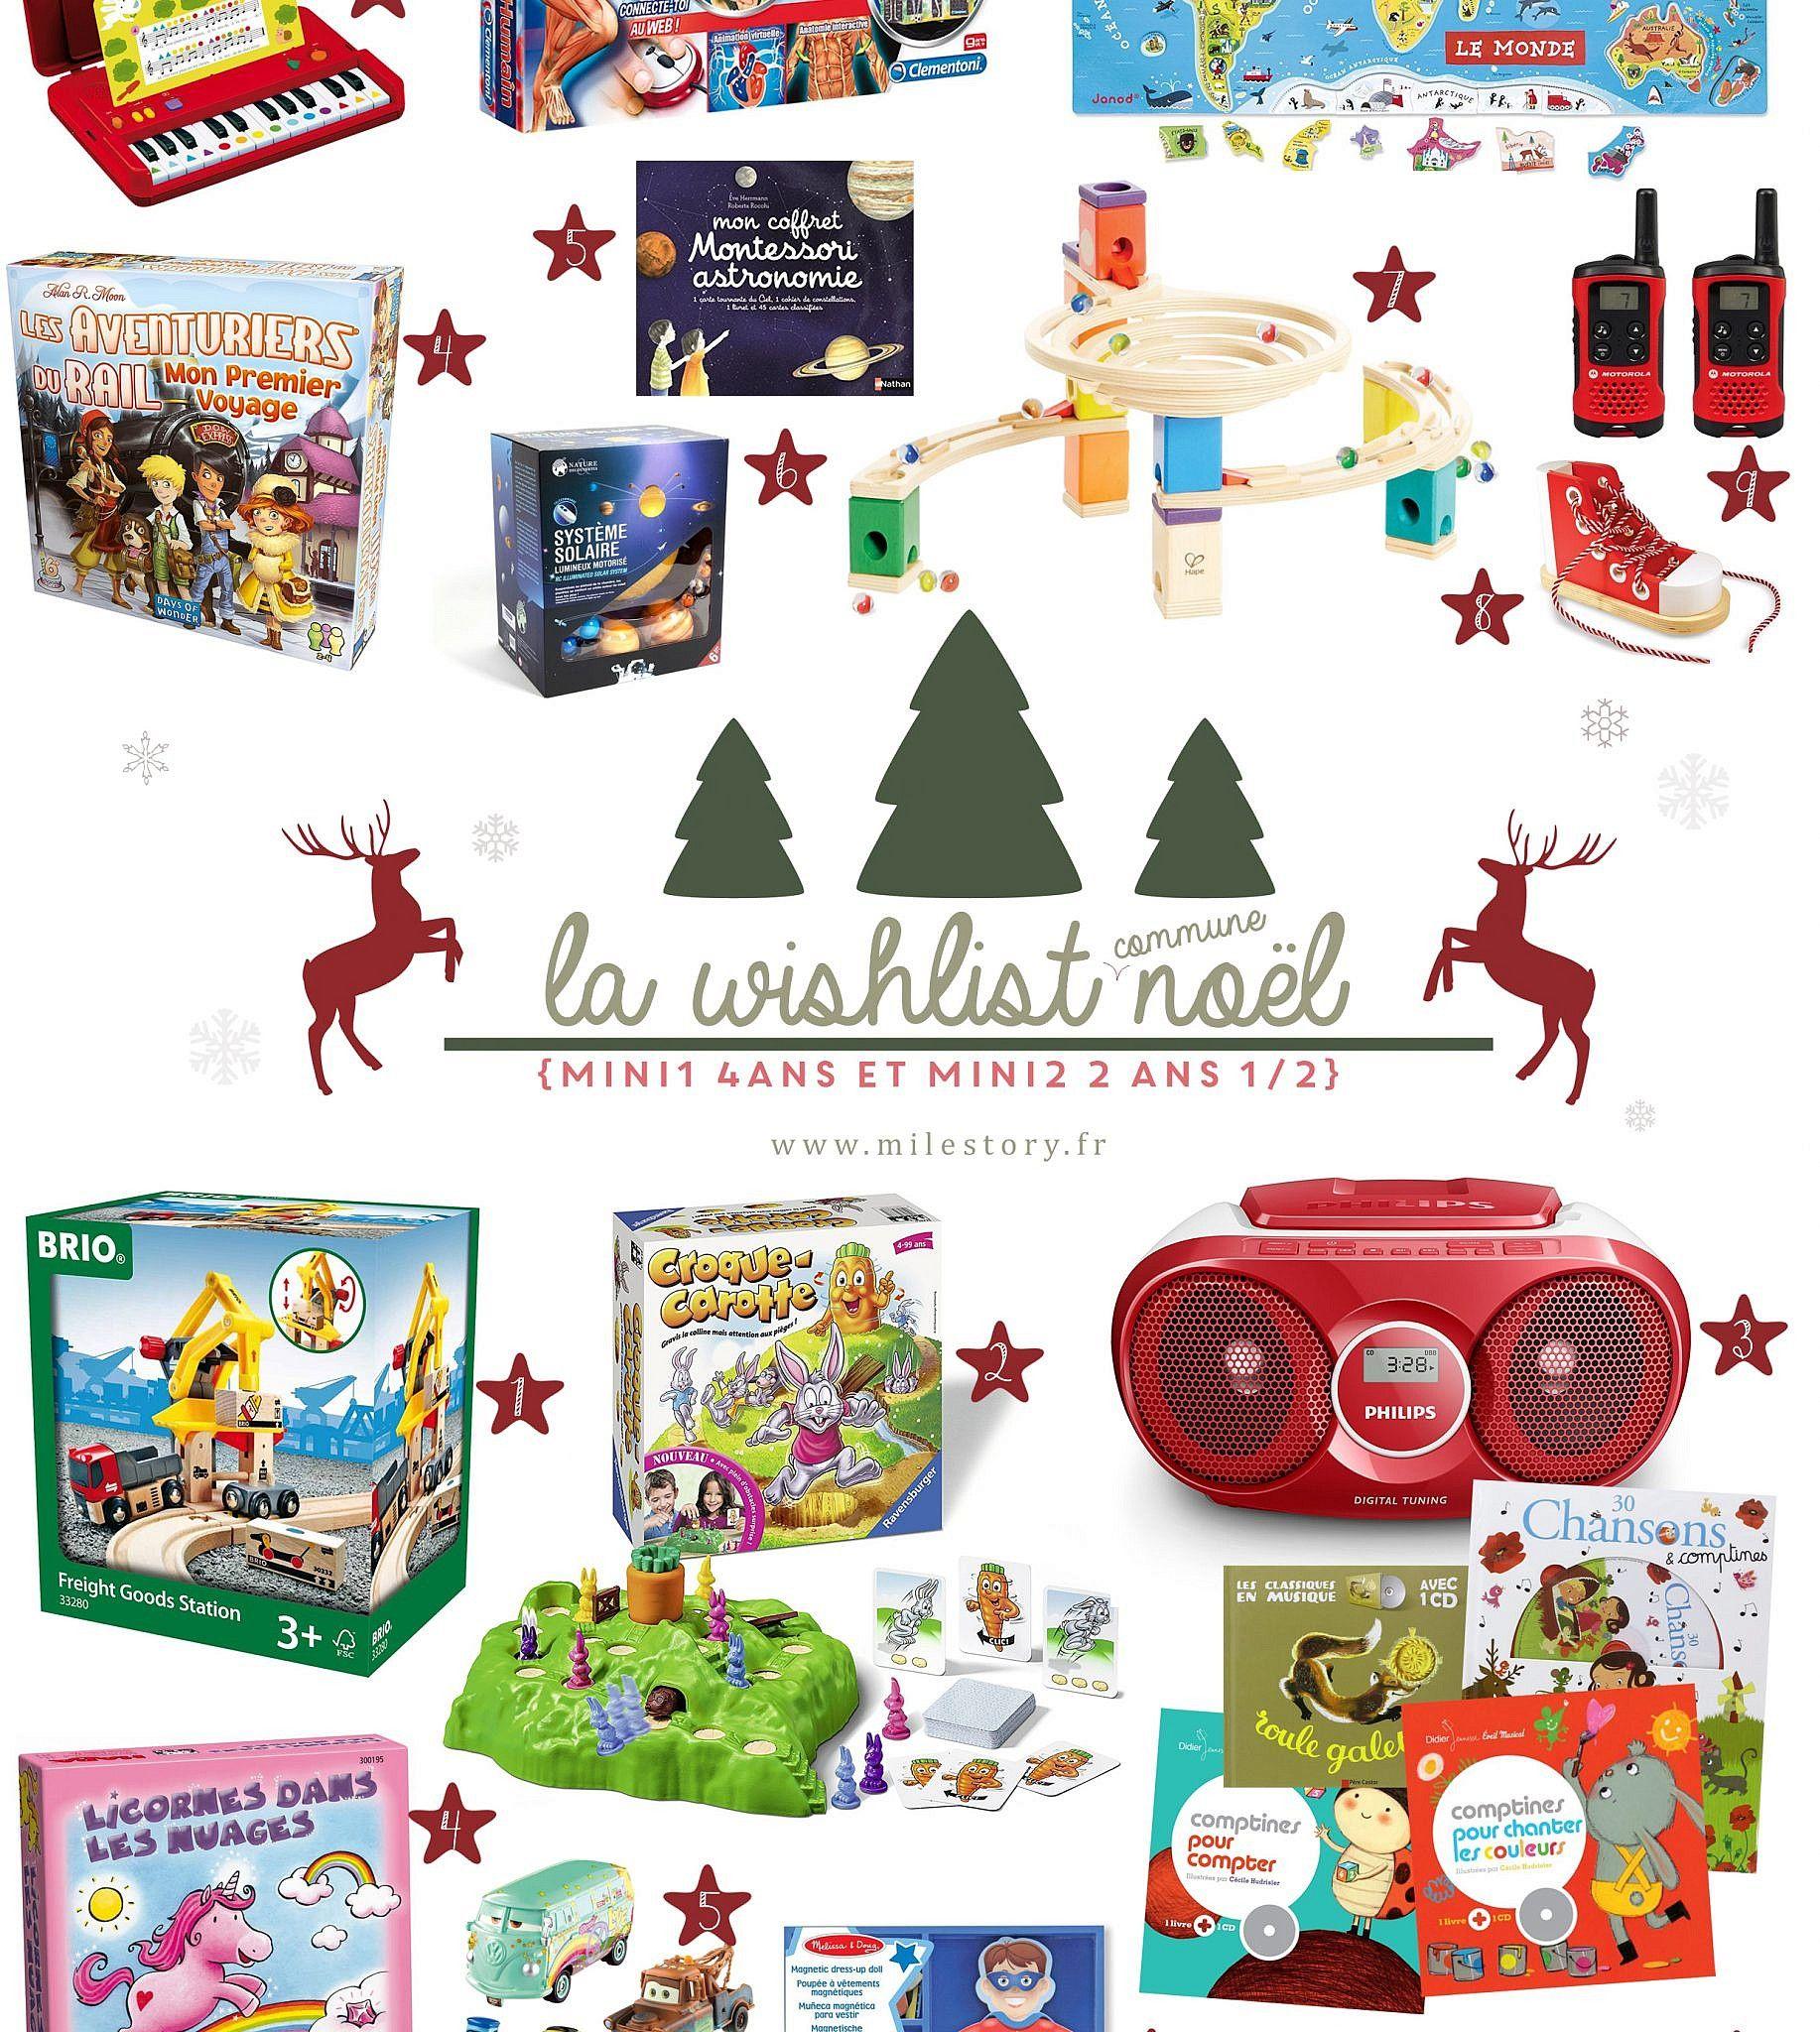 Wishlist Noël 2017 – idées cadeaux enfants de 4 ans et 2 ans et